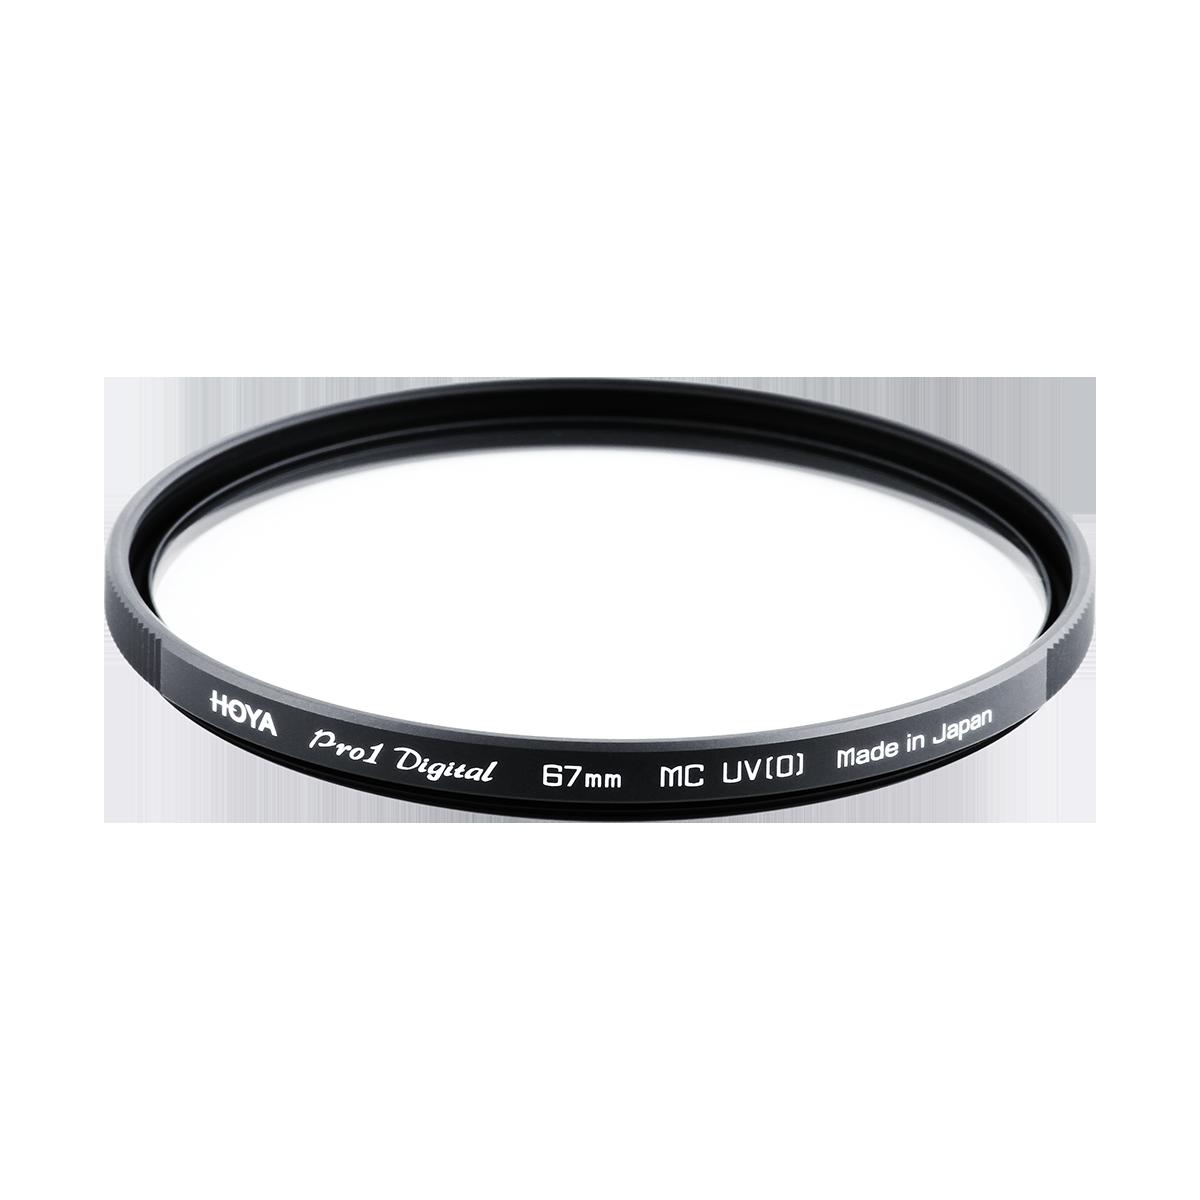 Hoya Pro1Digital UV